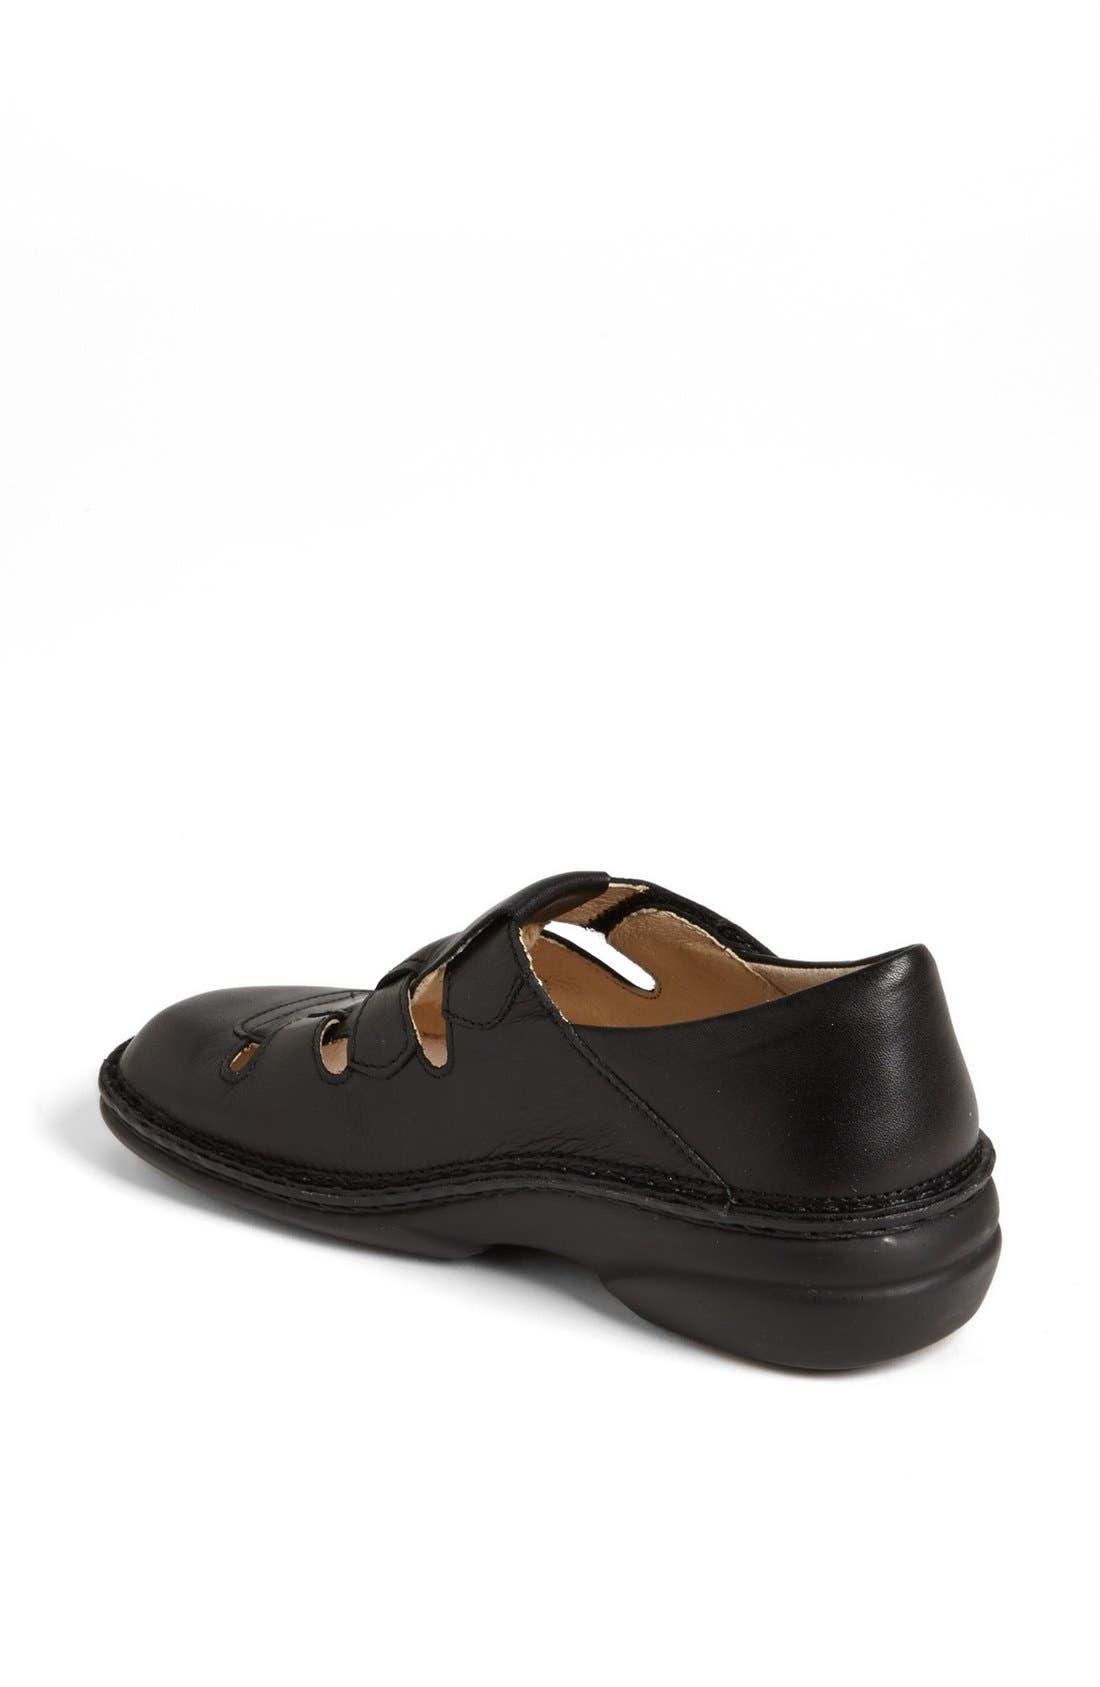 Alternate Image 2  - Finn Comfort 'Quebec' Sandal